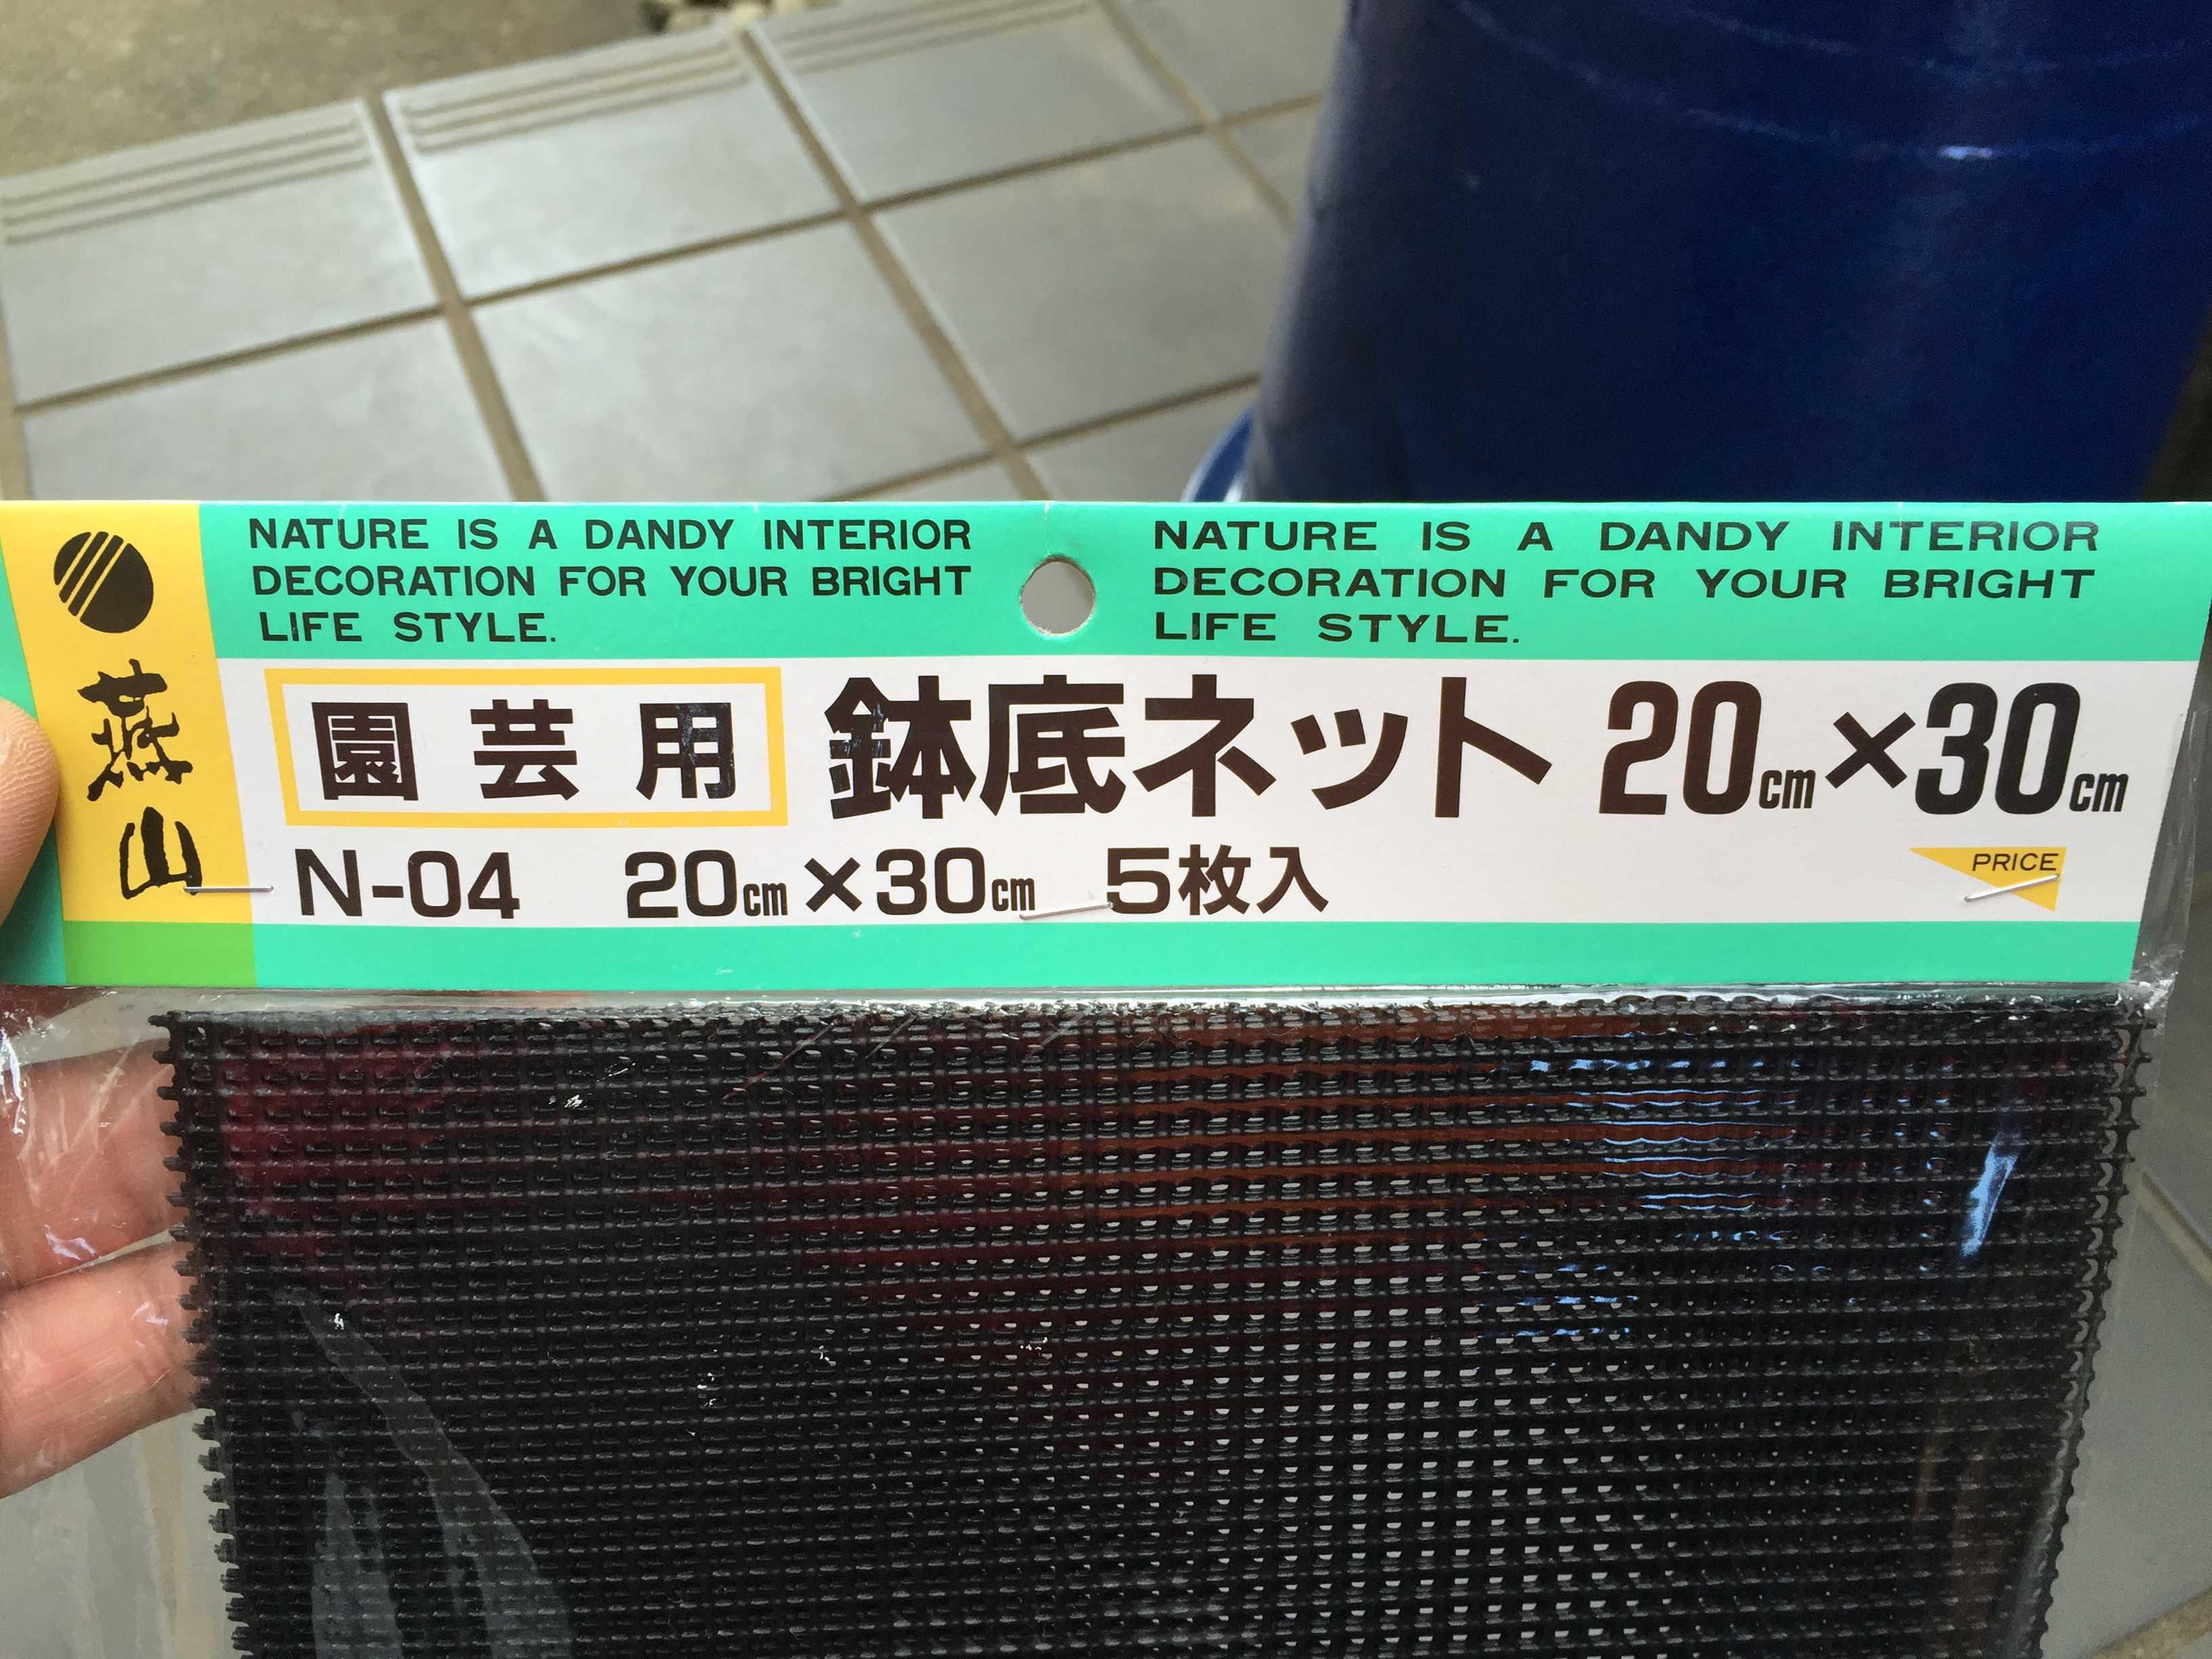 燕山 園芸用鉢底ネット 20cm×30cm